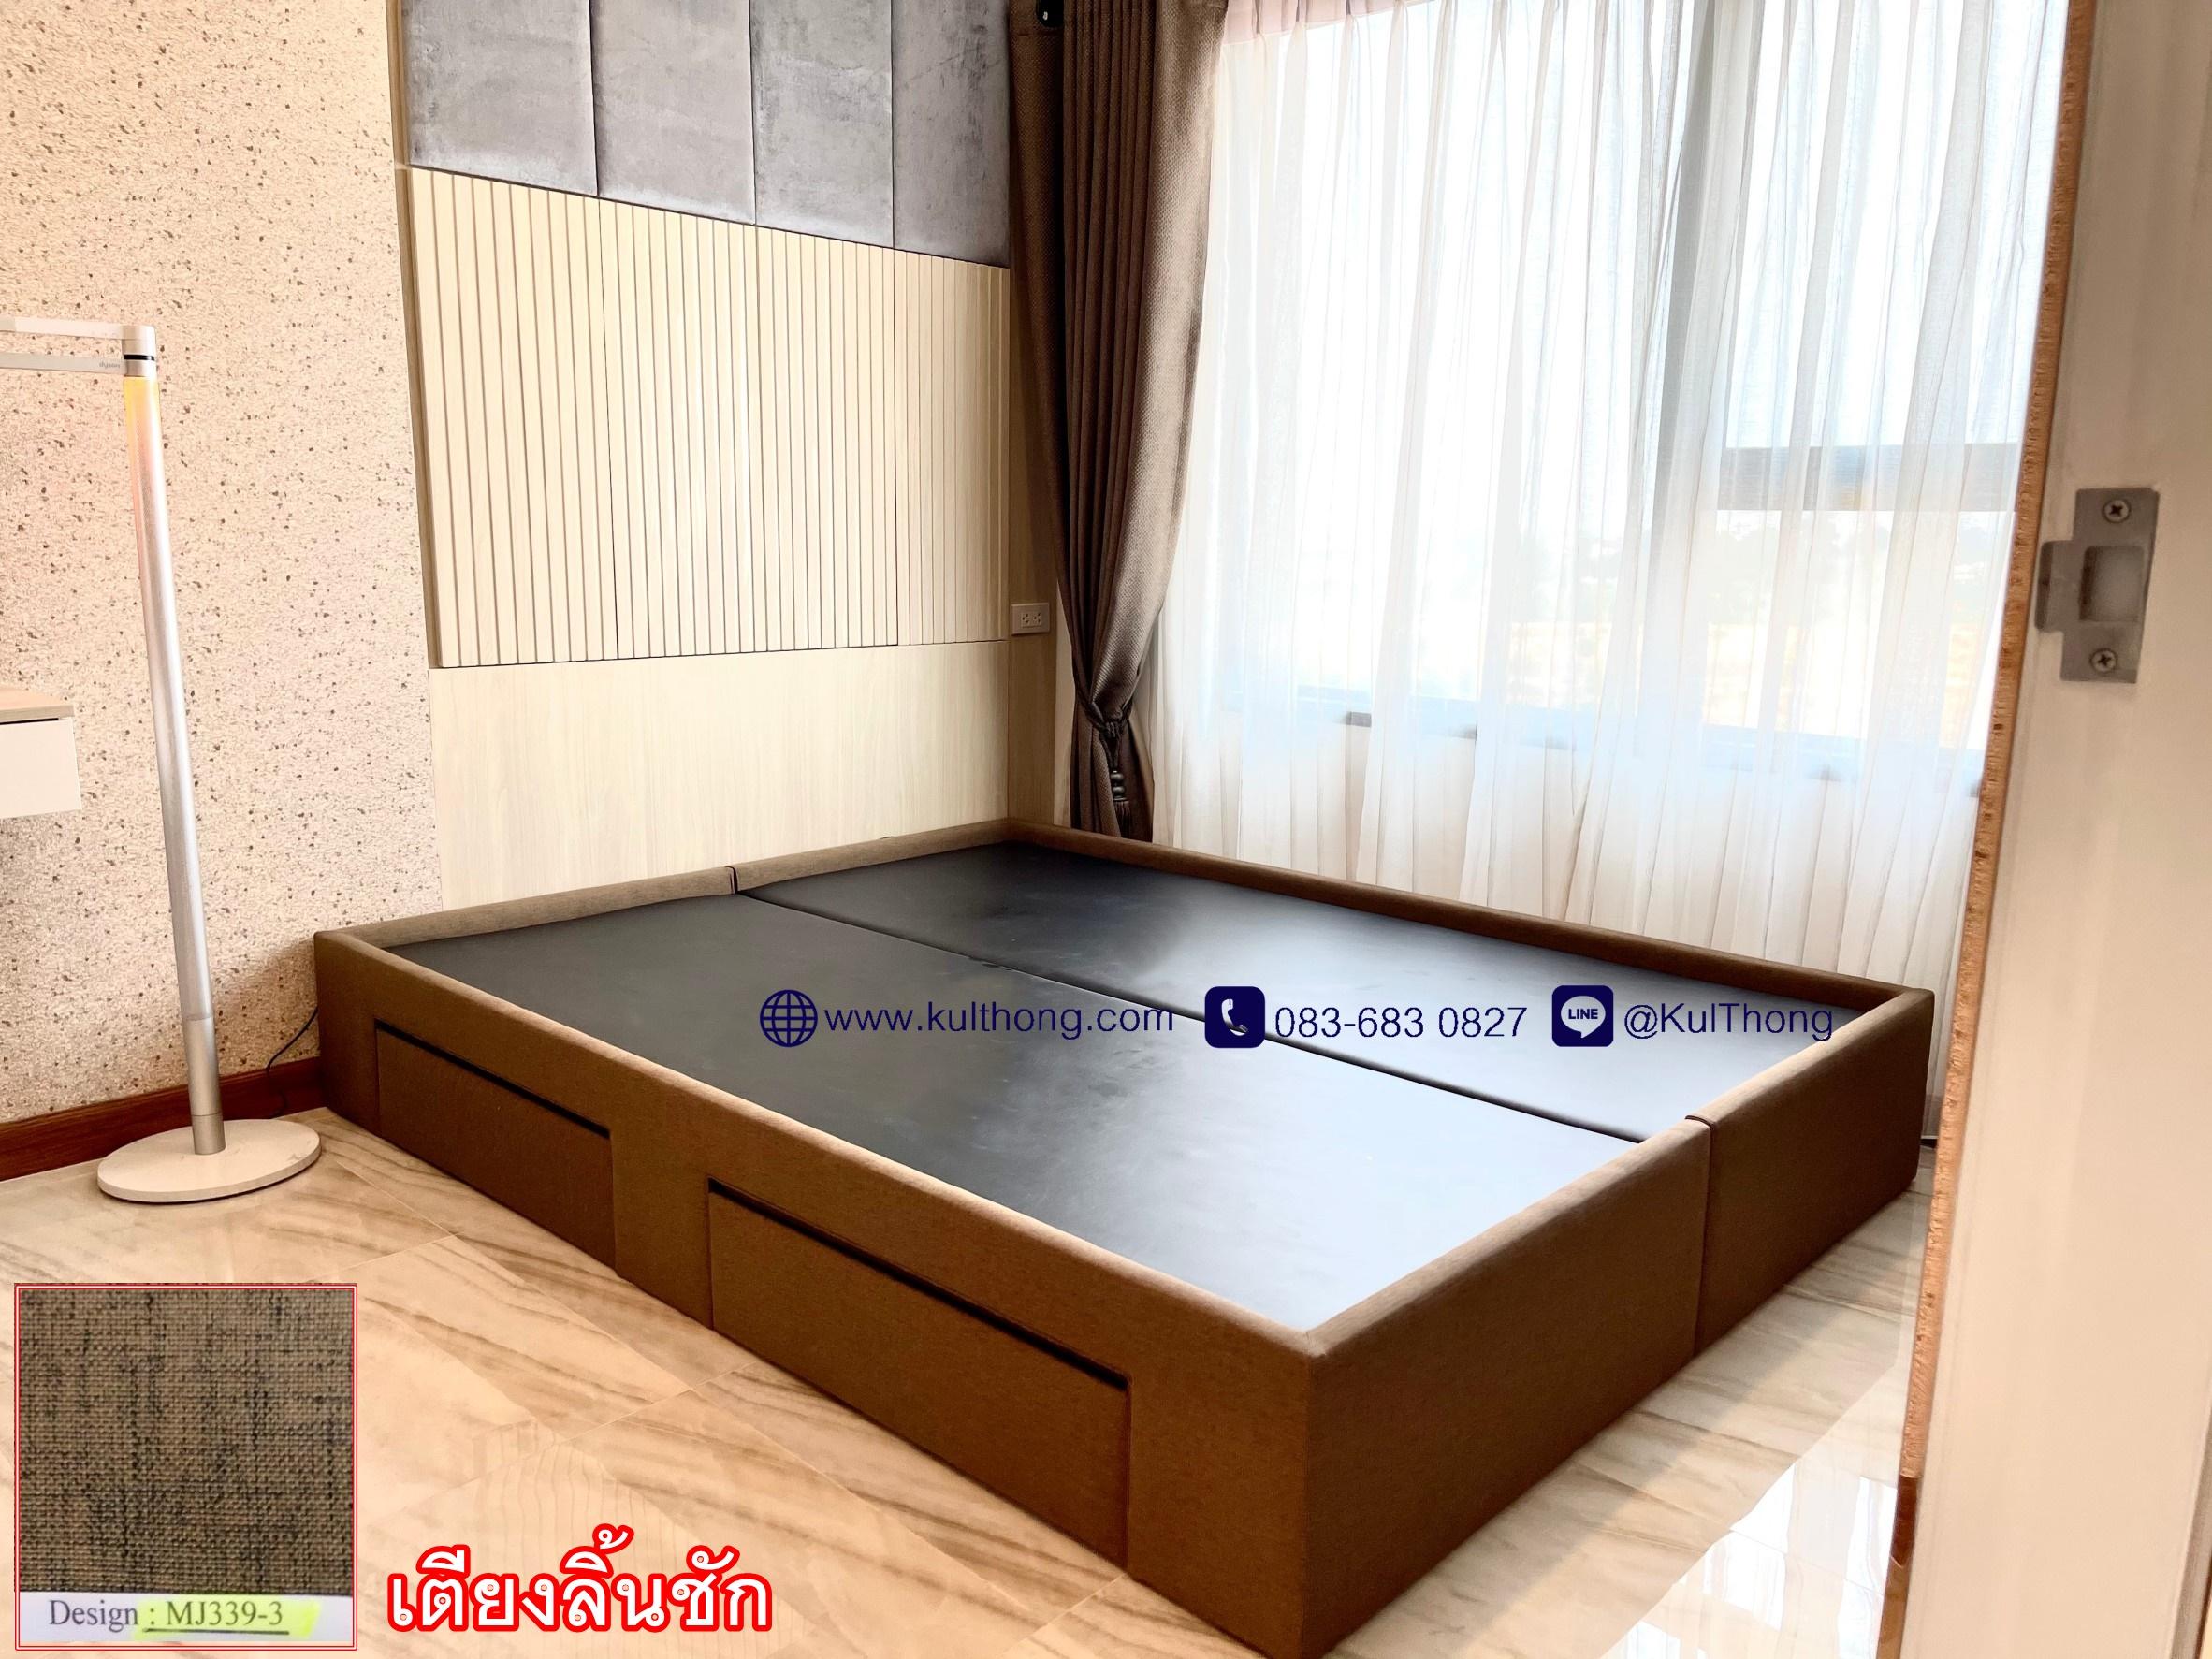 เตียงนอนมีลิ้นชัก ฐานเตียงลิ้นชัก เตียงเก็บของ